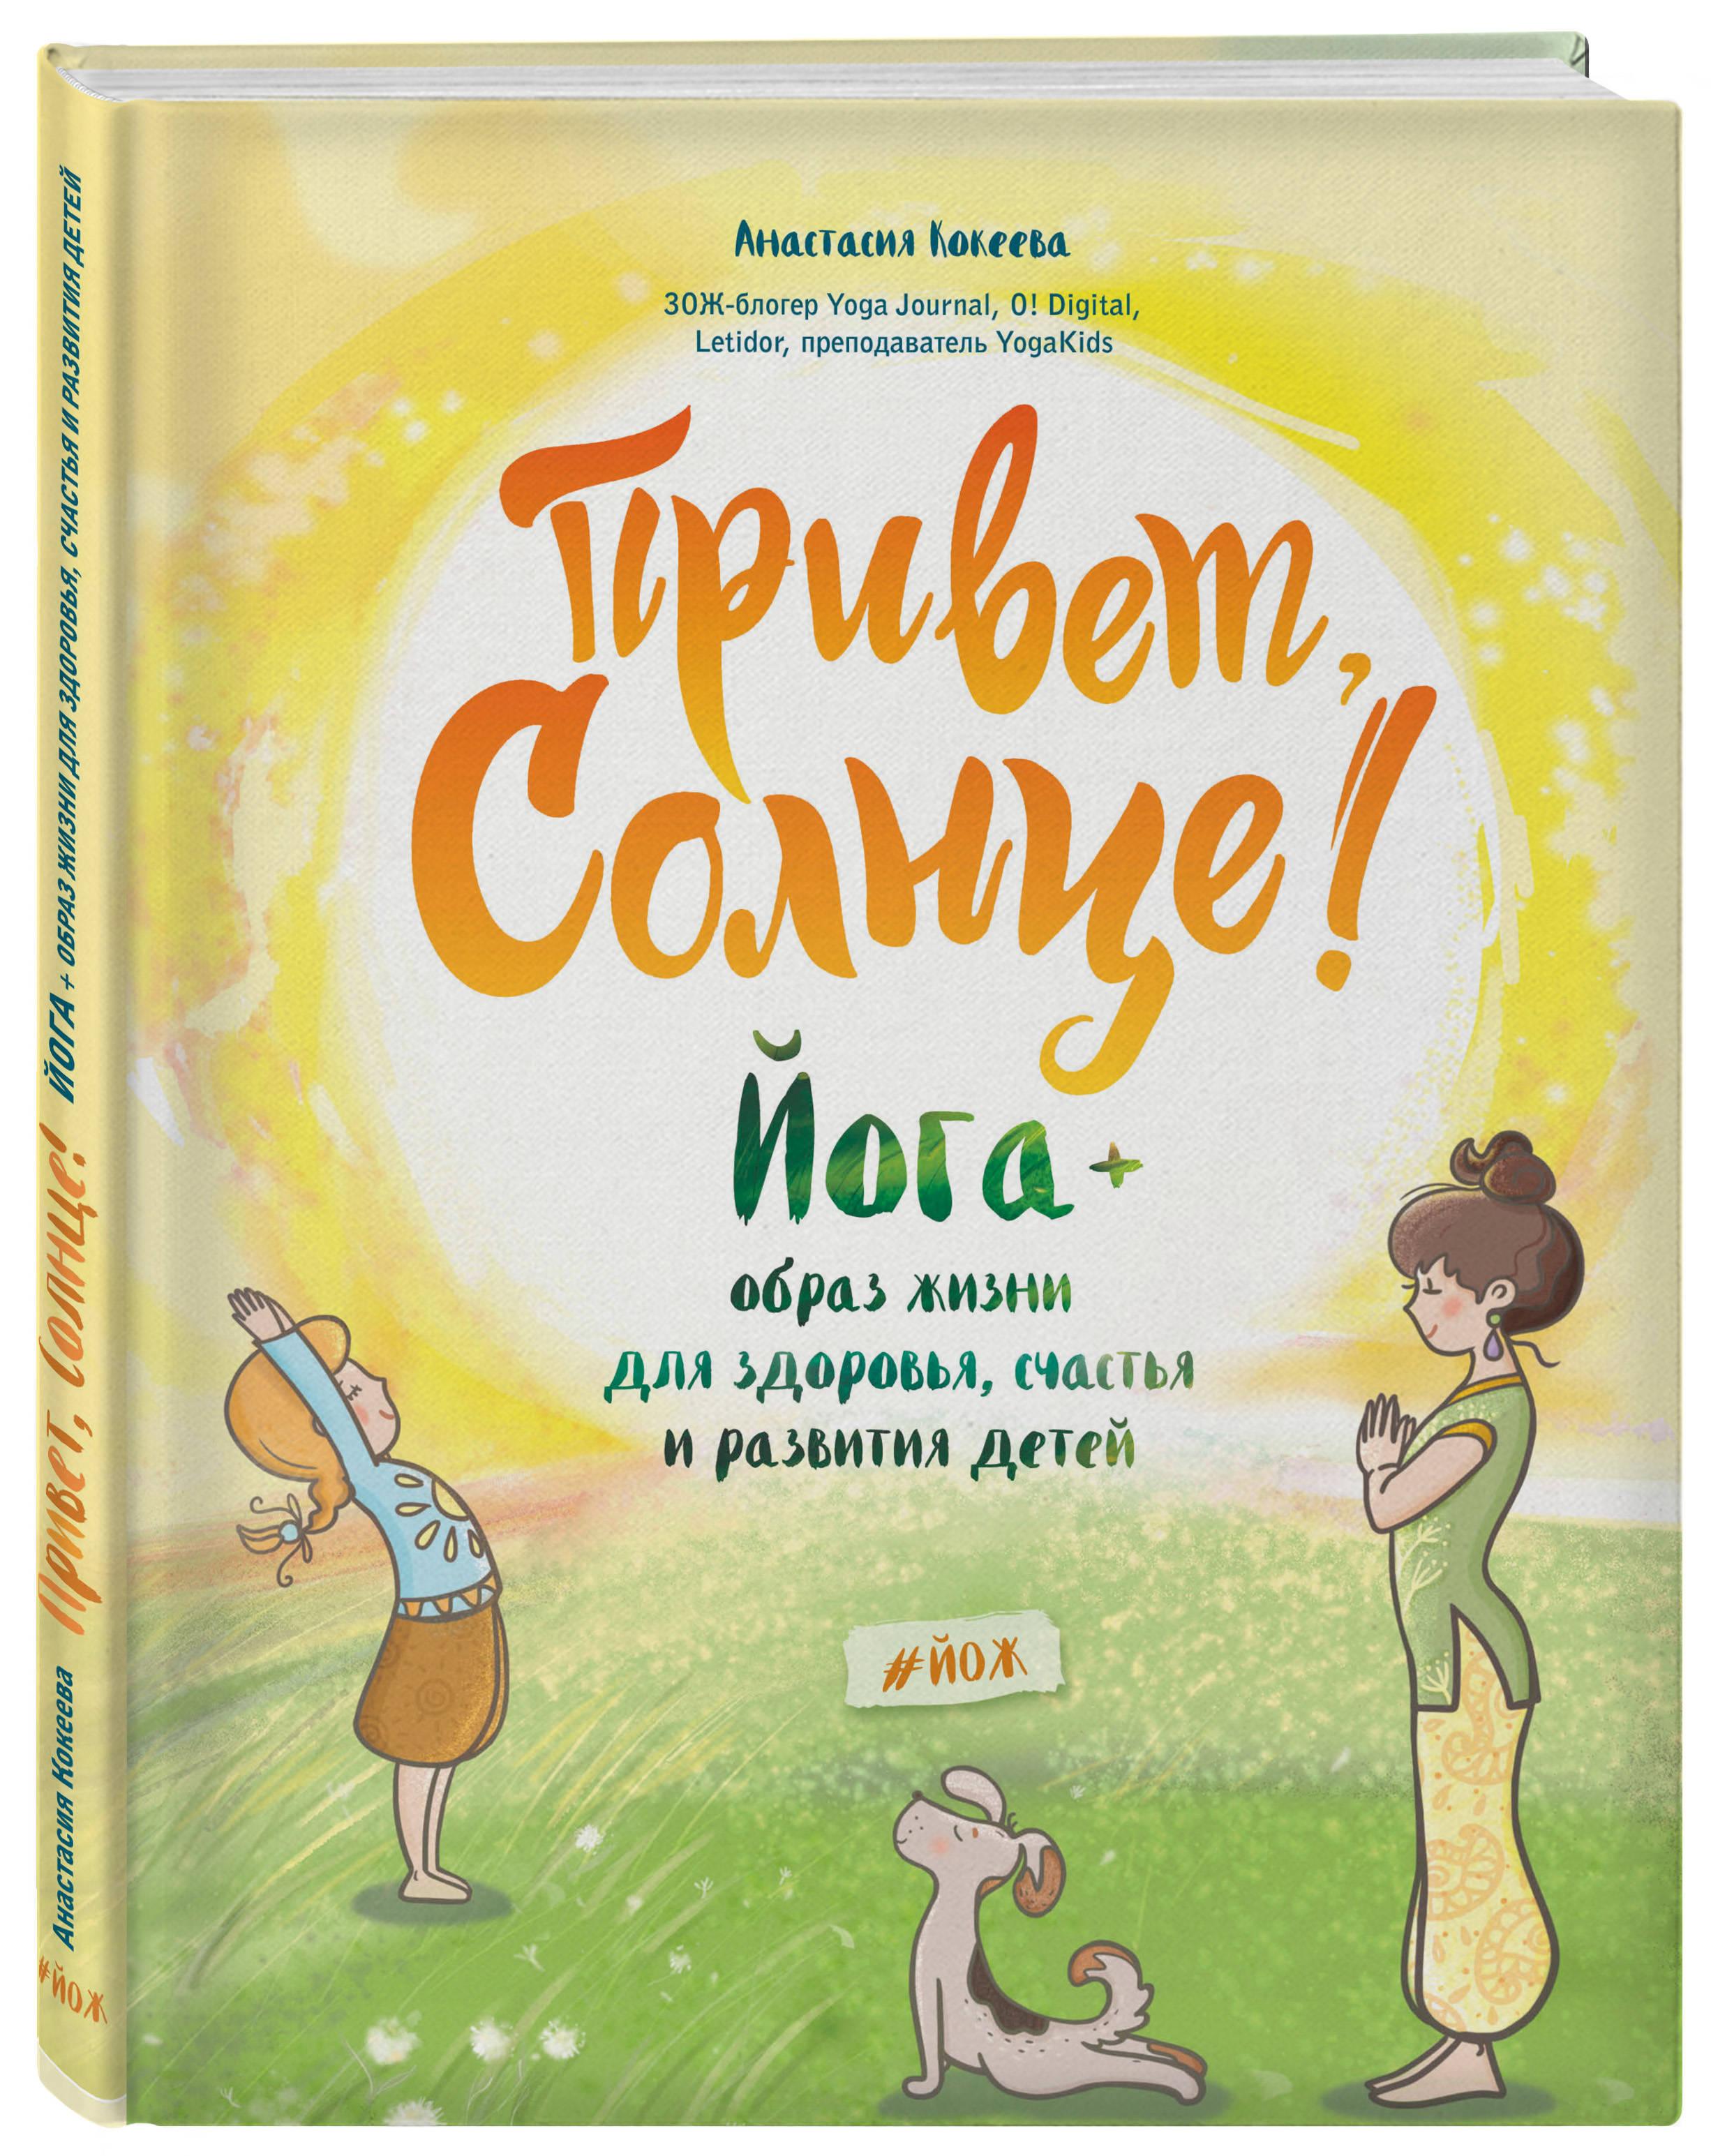 Привет, Солнце! Йога + образ жизни для здоровья, счастья и развития детей ( Анастасия Кокеева  )